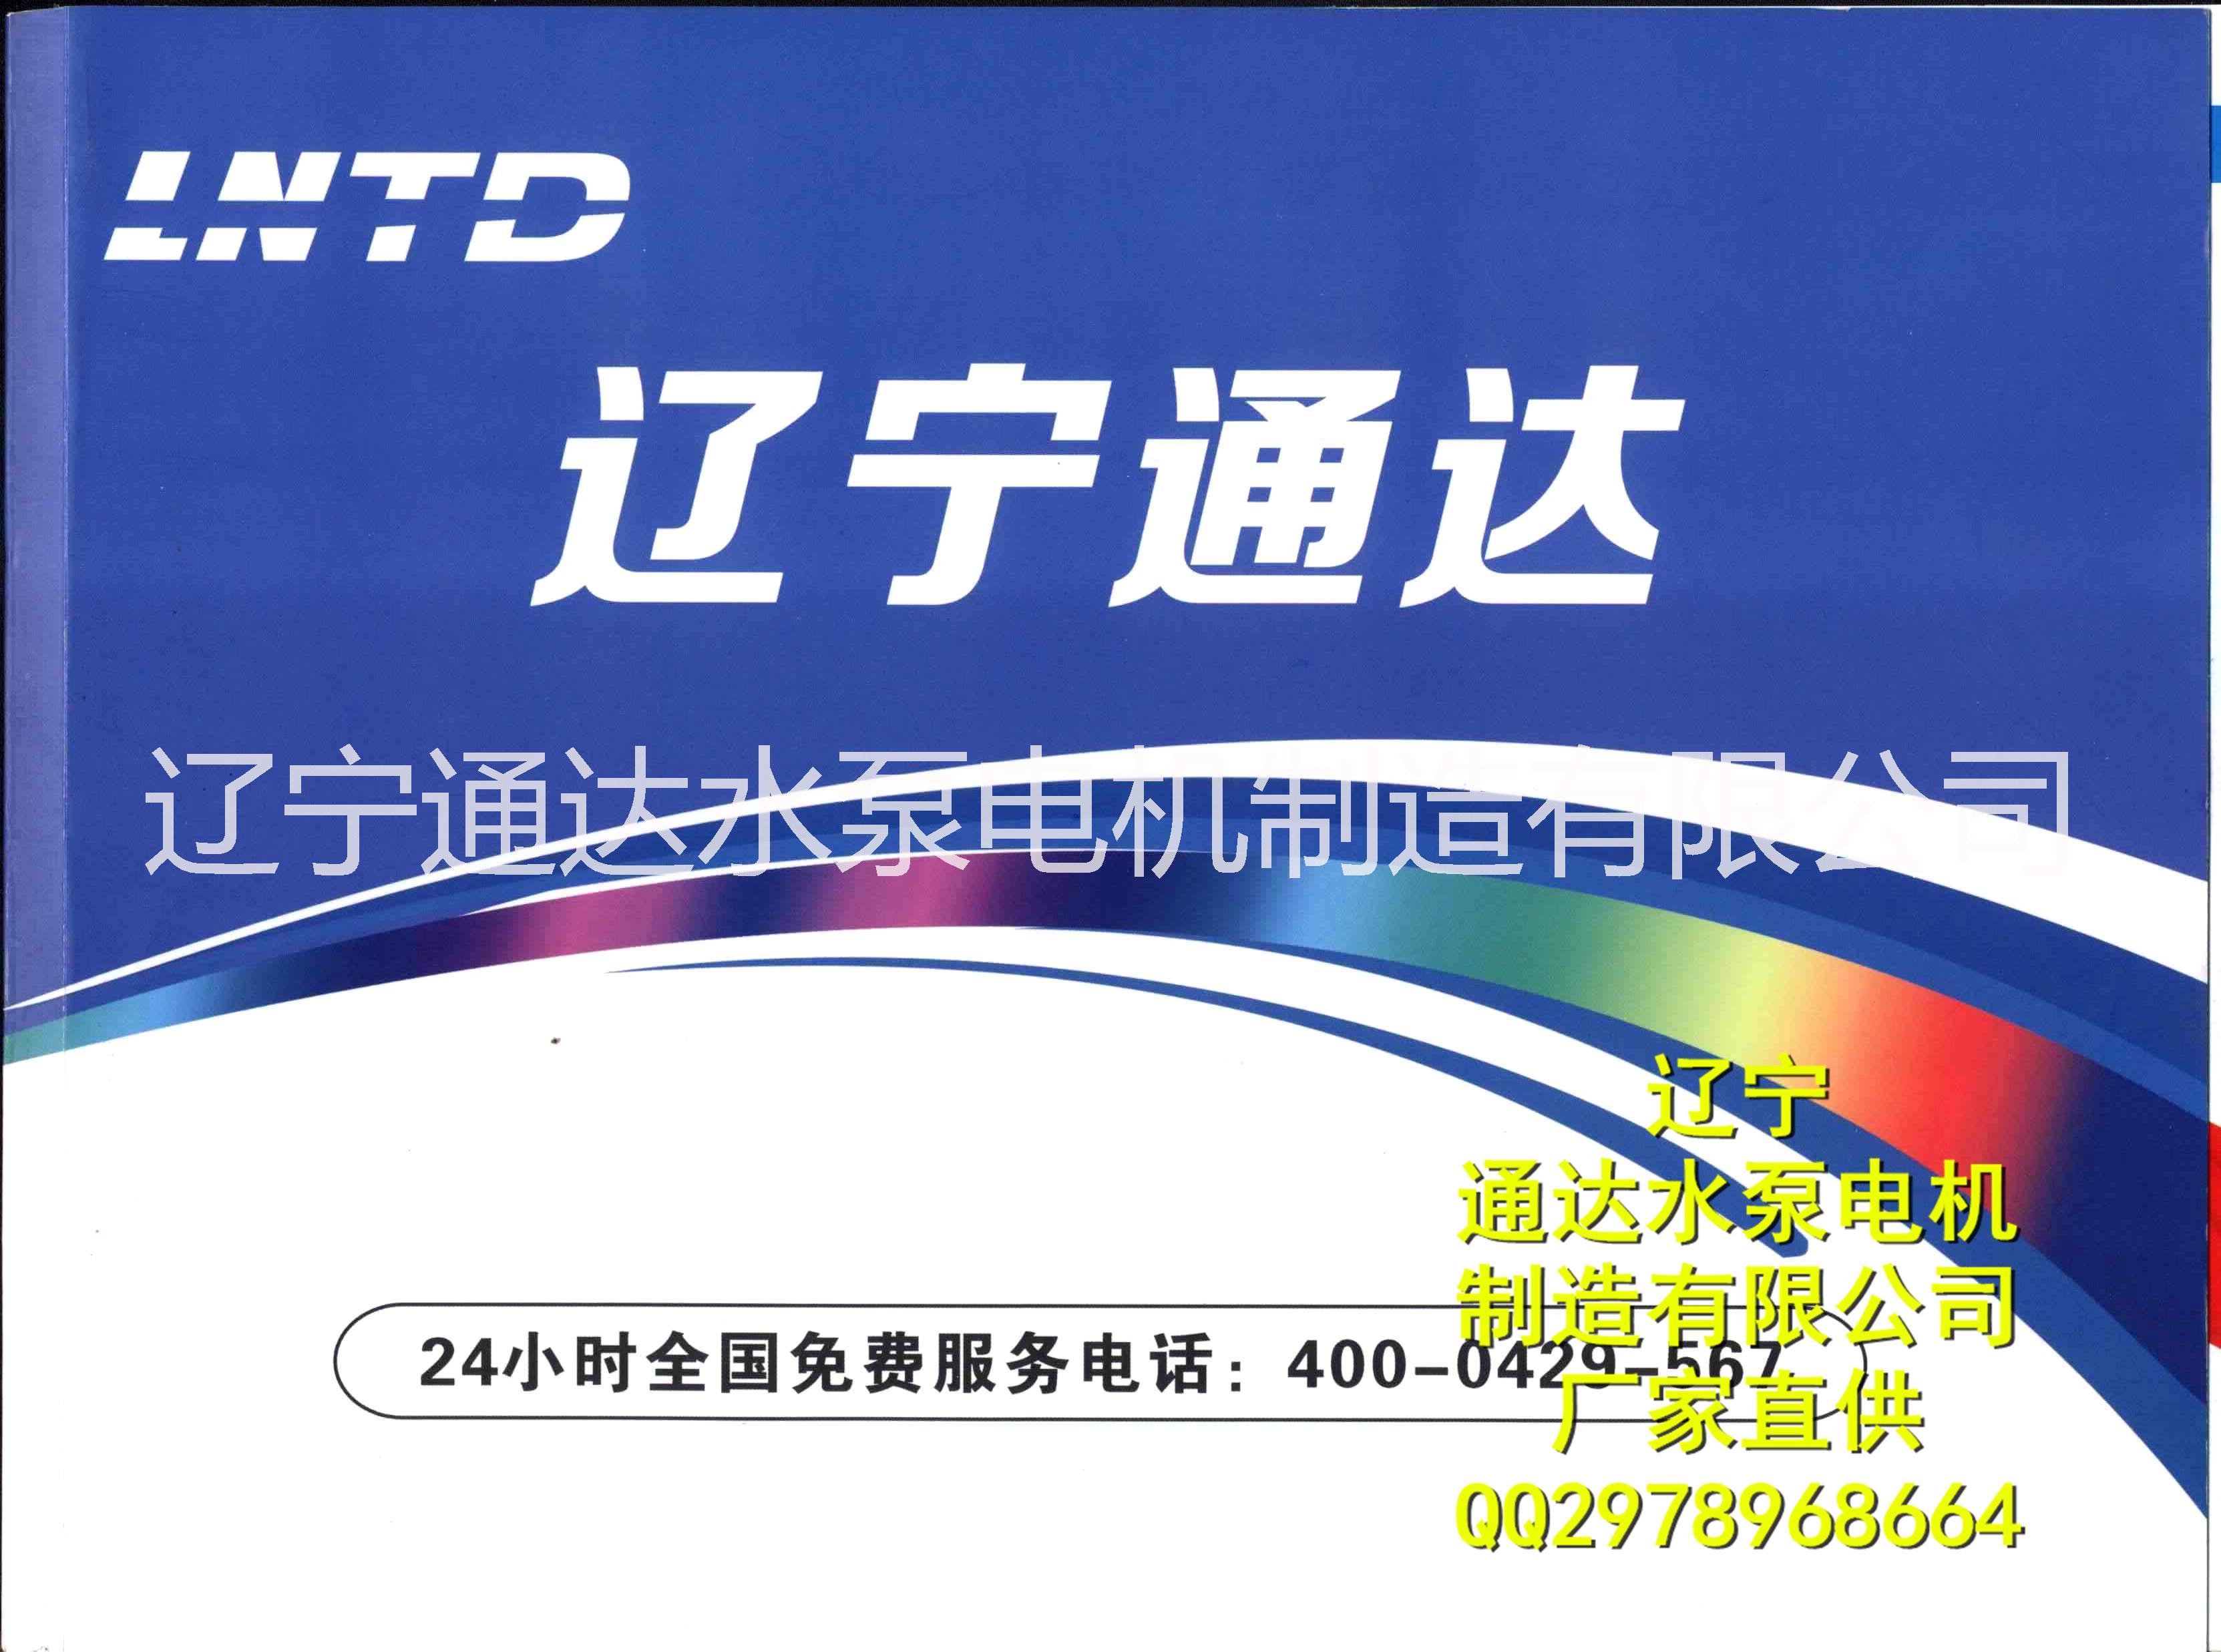 供应清水耐磨管道离心泵直联泵选择知名品牌辽宁通达水泵电机生产商